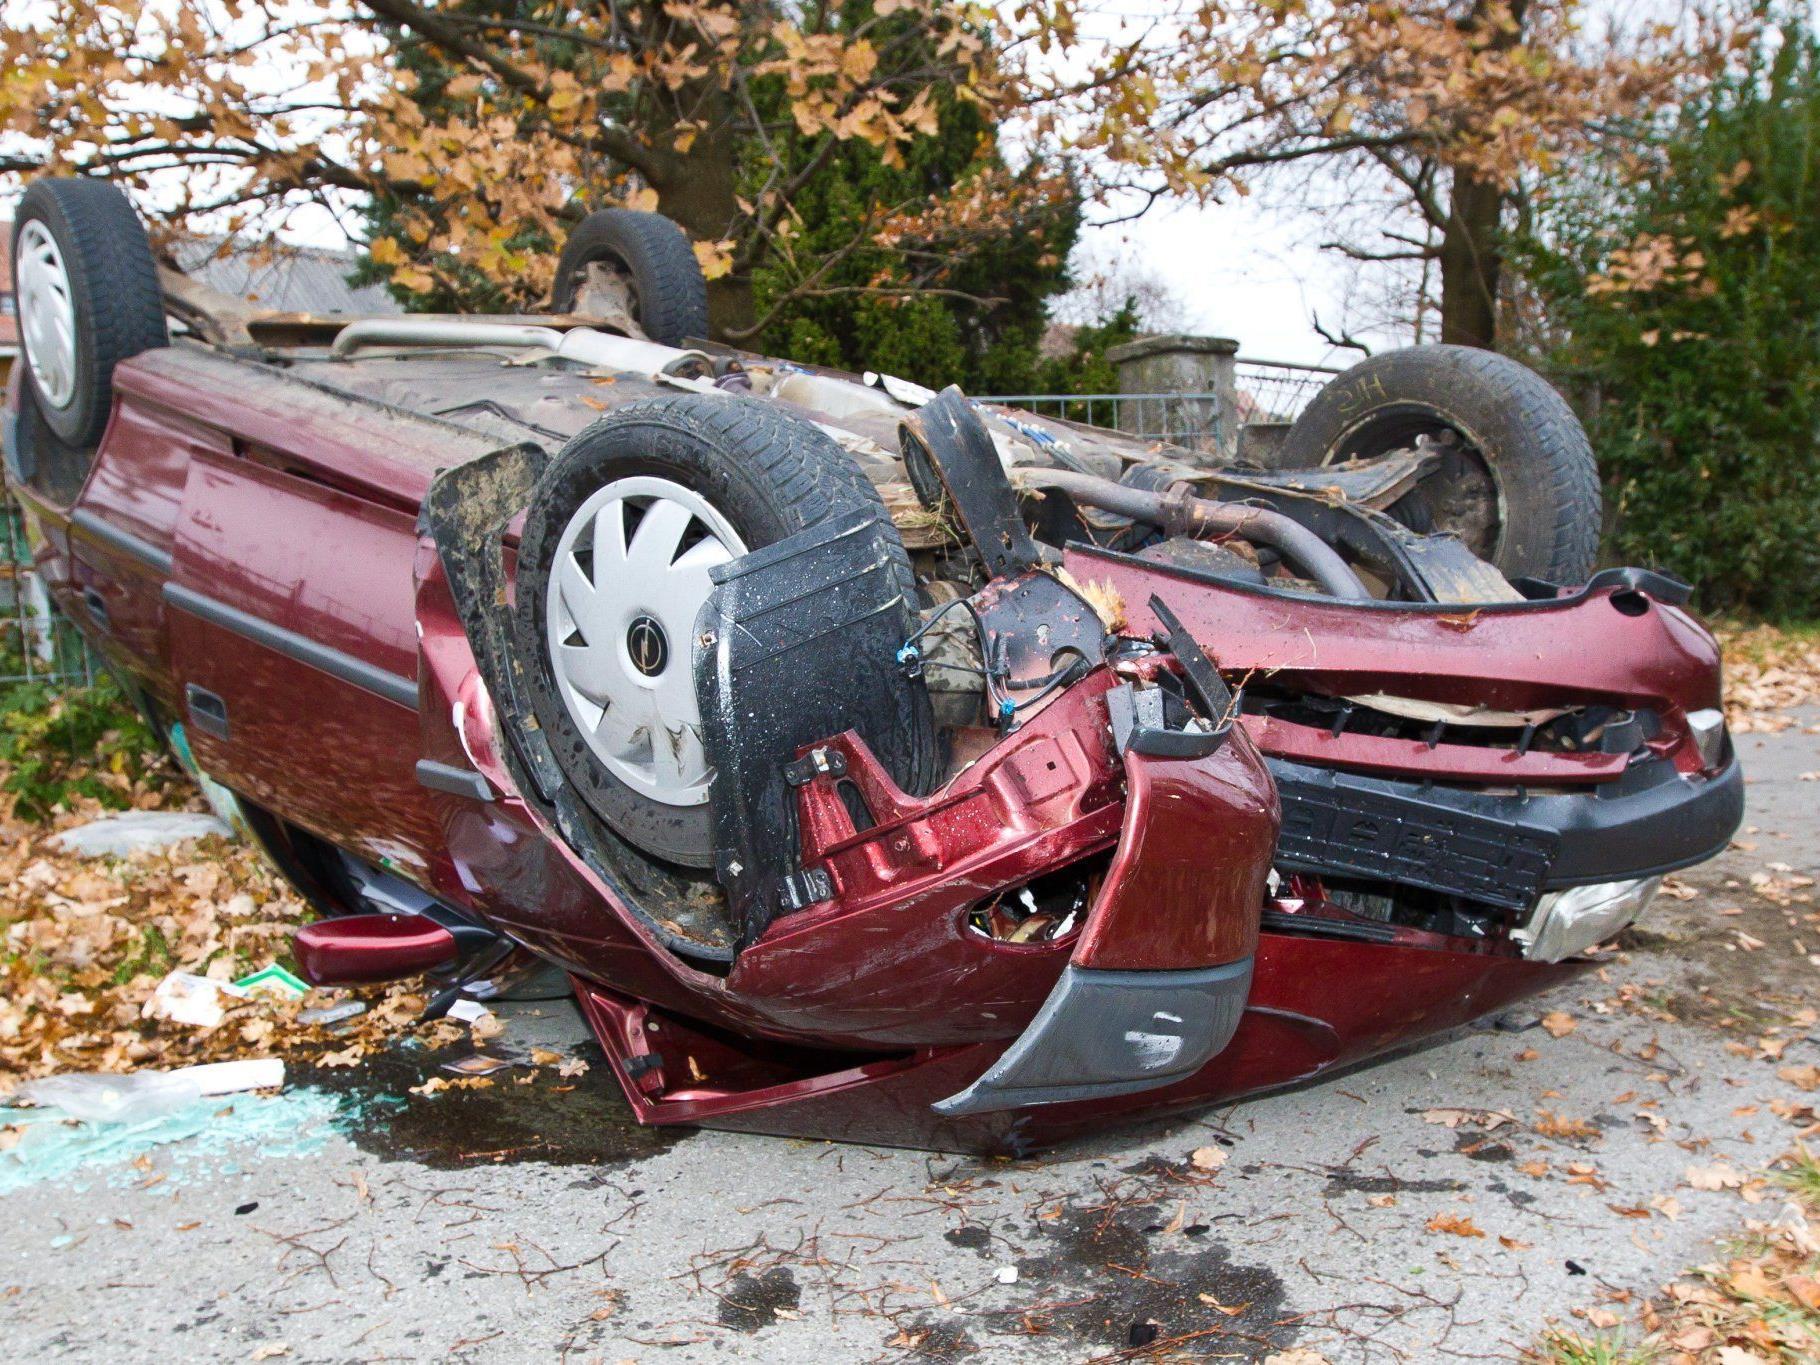 Der Wagen überschlug sich, nachdem er an einen Baum geprallt war.